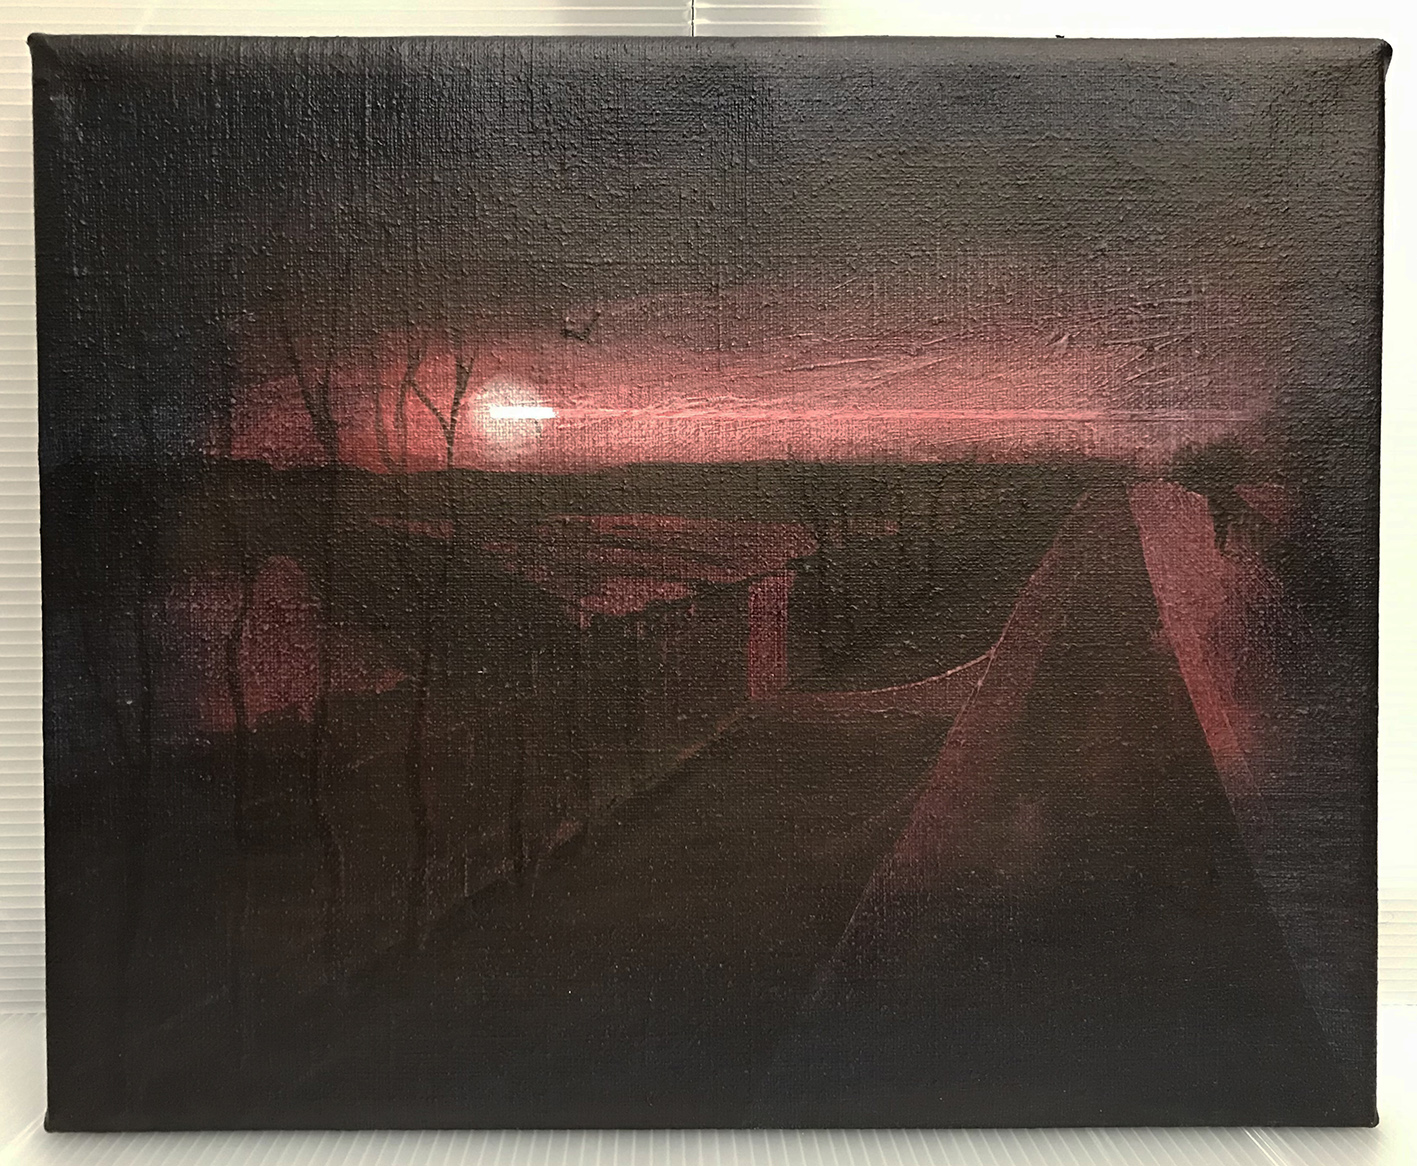 Vincent Land Gogh 7 (22x27cm) 2020